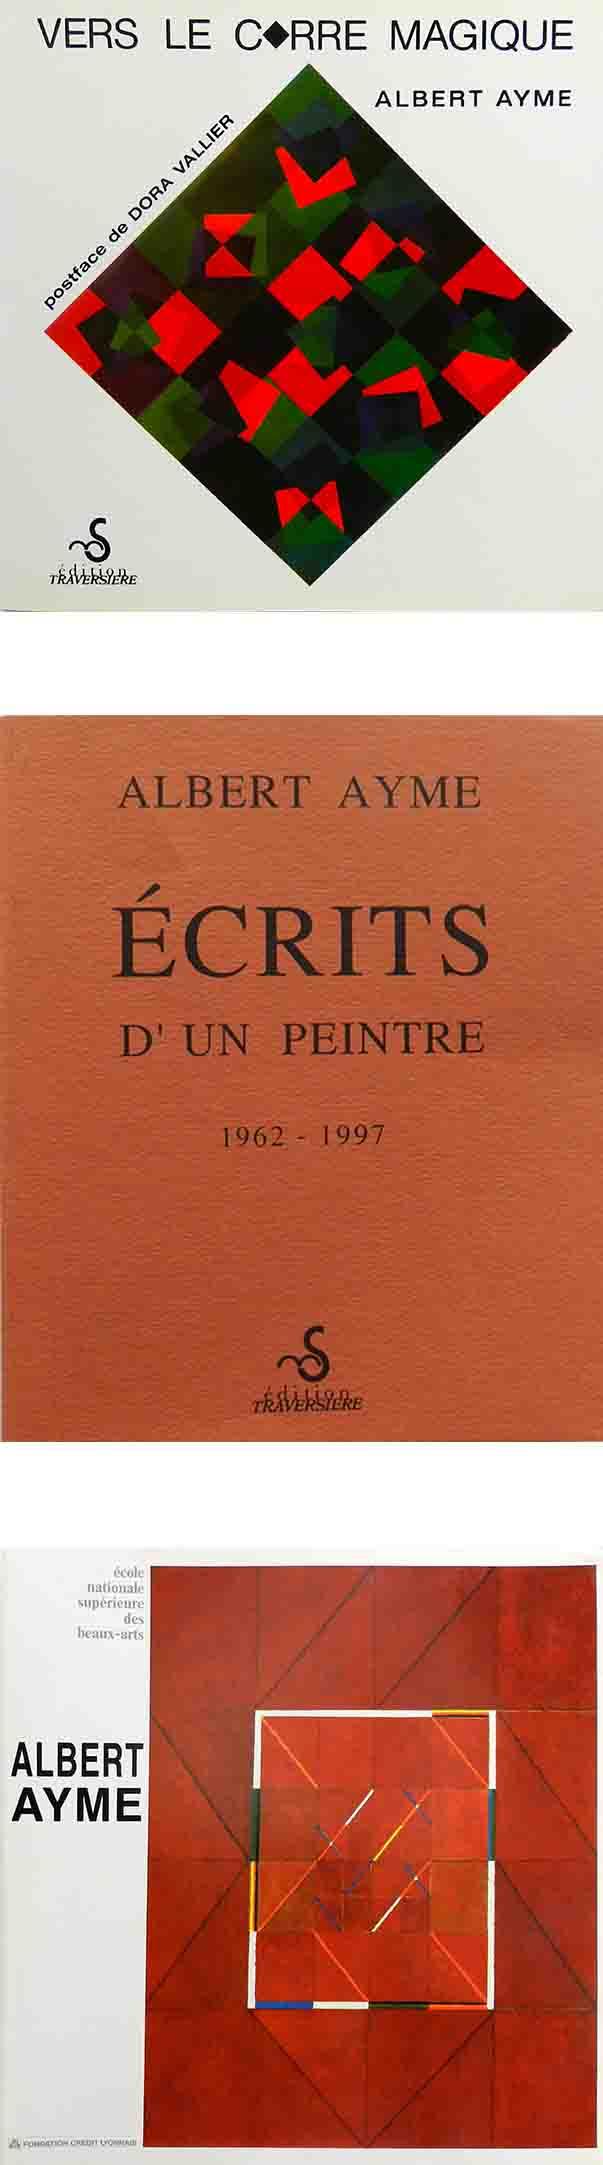 ALBERT AYME - LES CARRÉS MAGIQUES